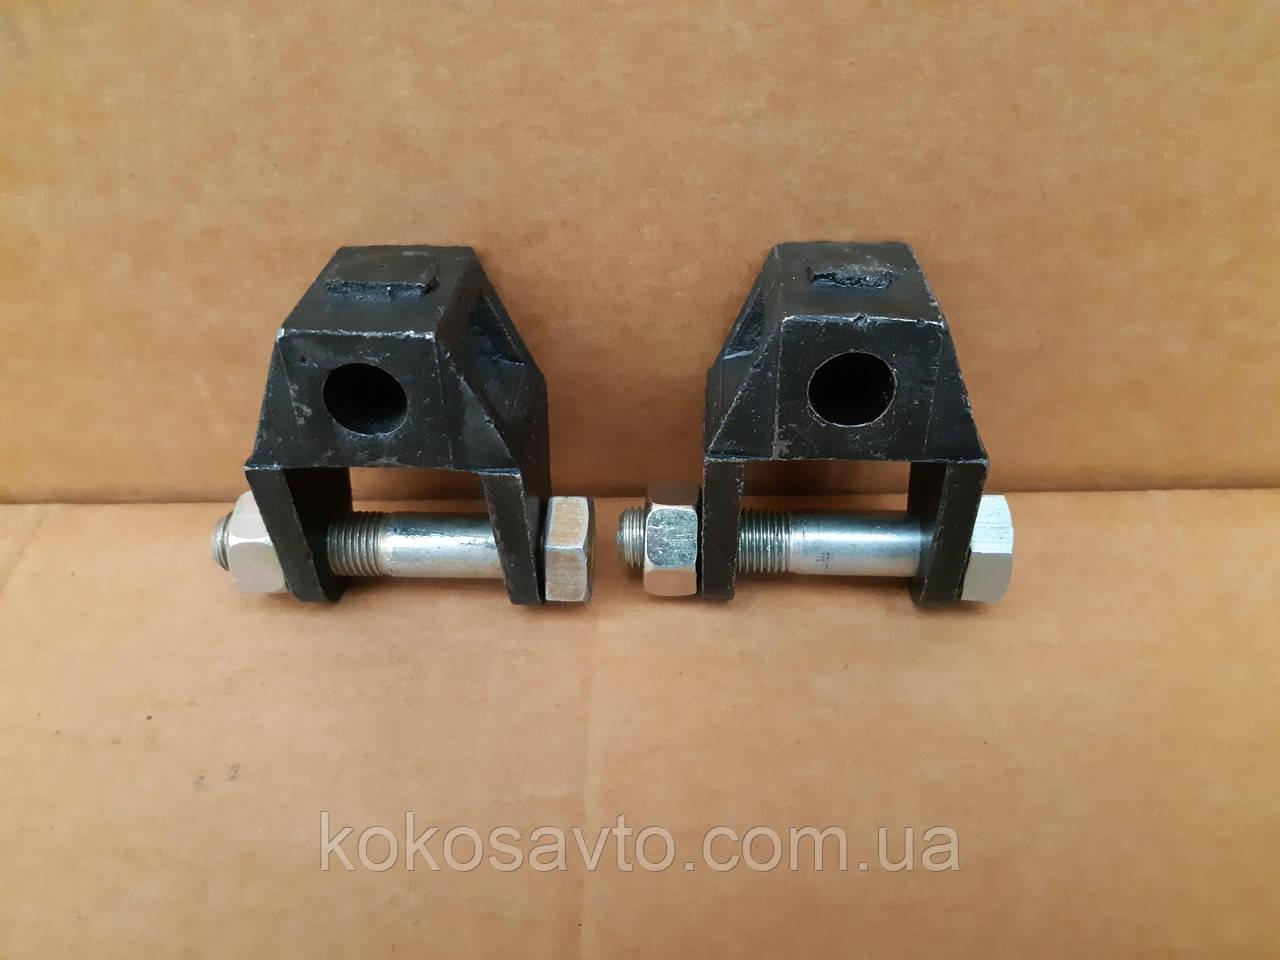 Проставки задних амортизаторов Гольф 4 для увеличения клиренса